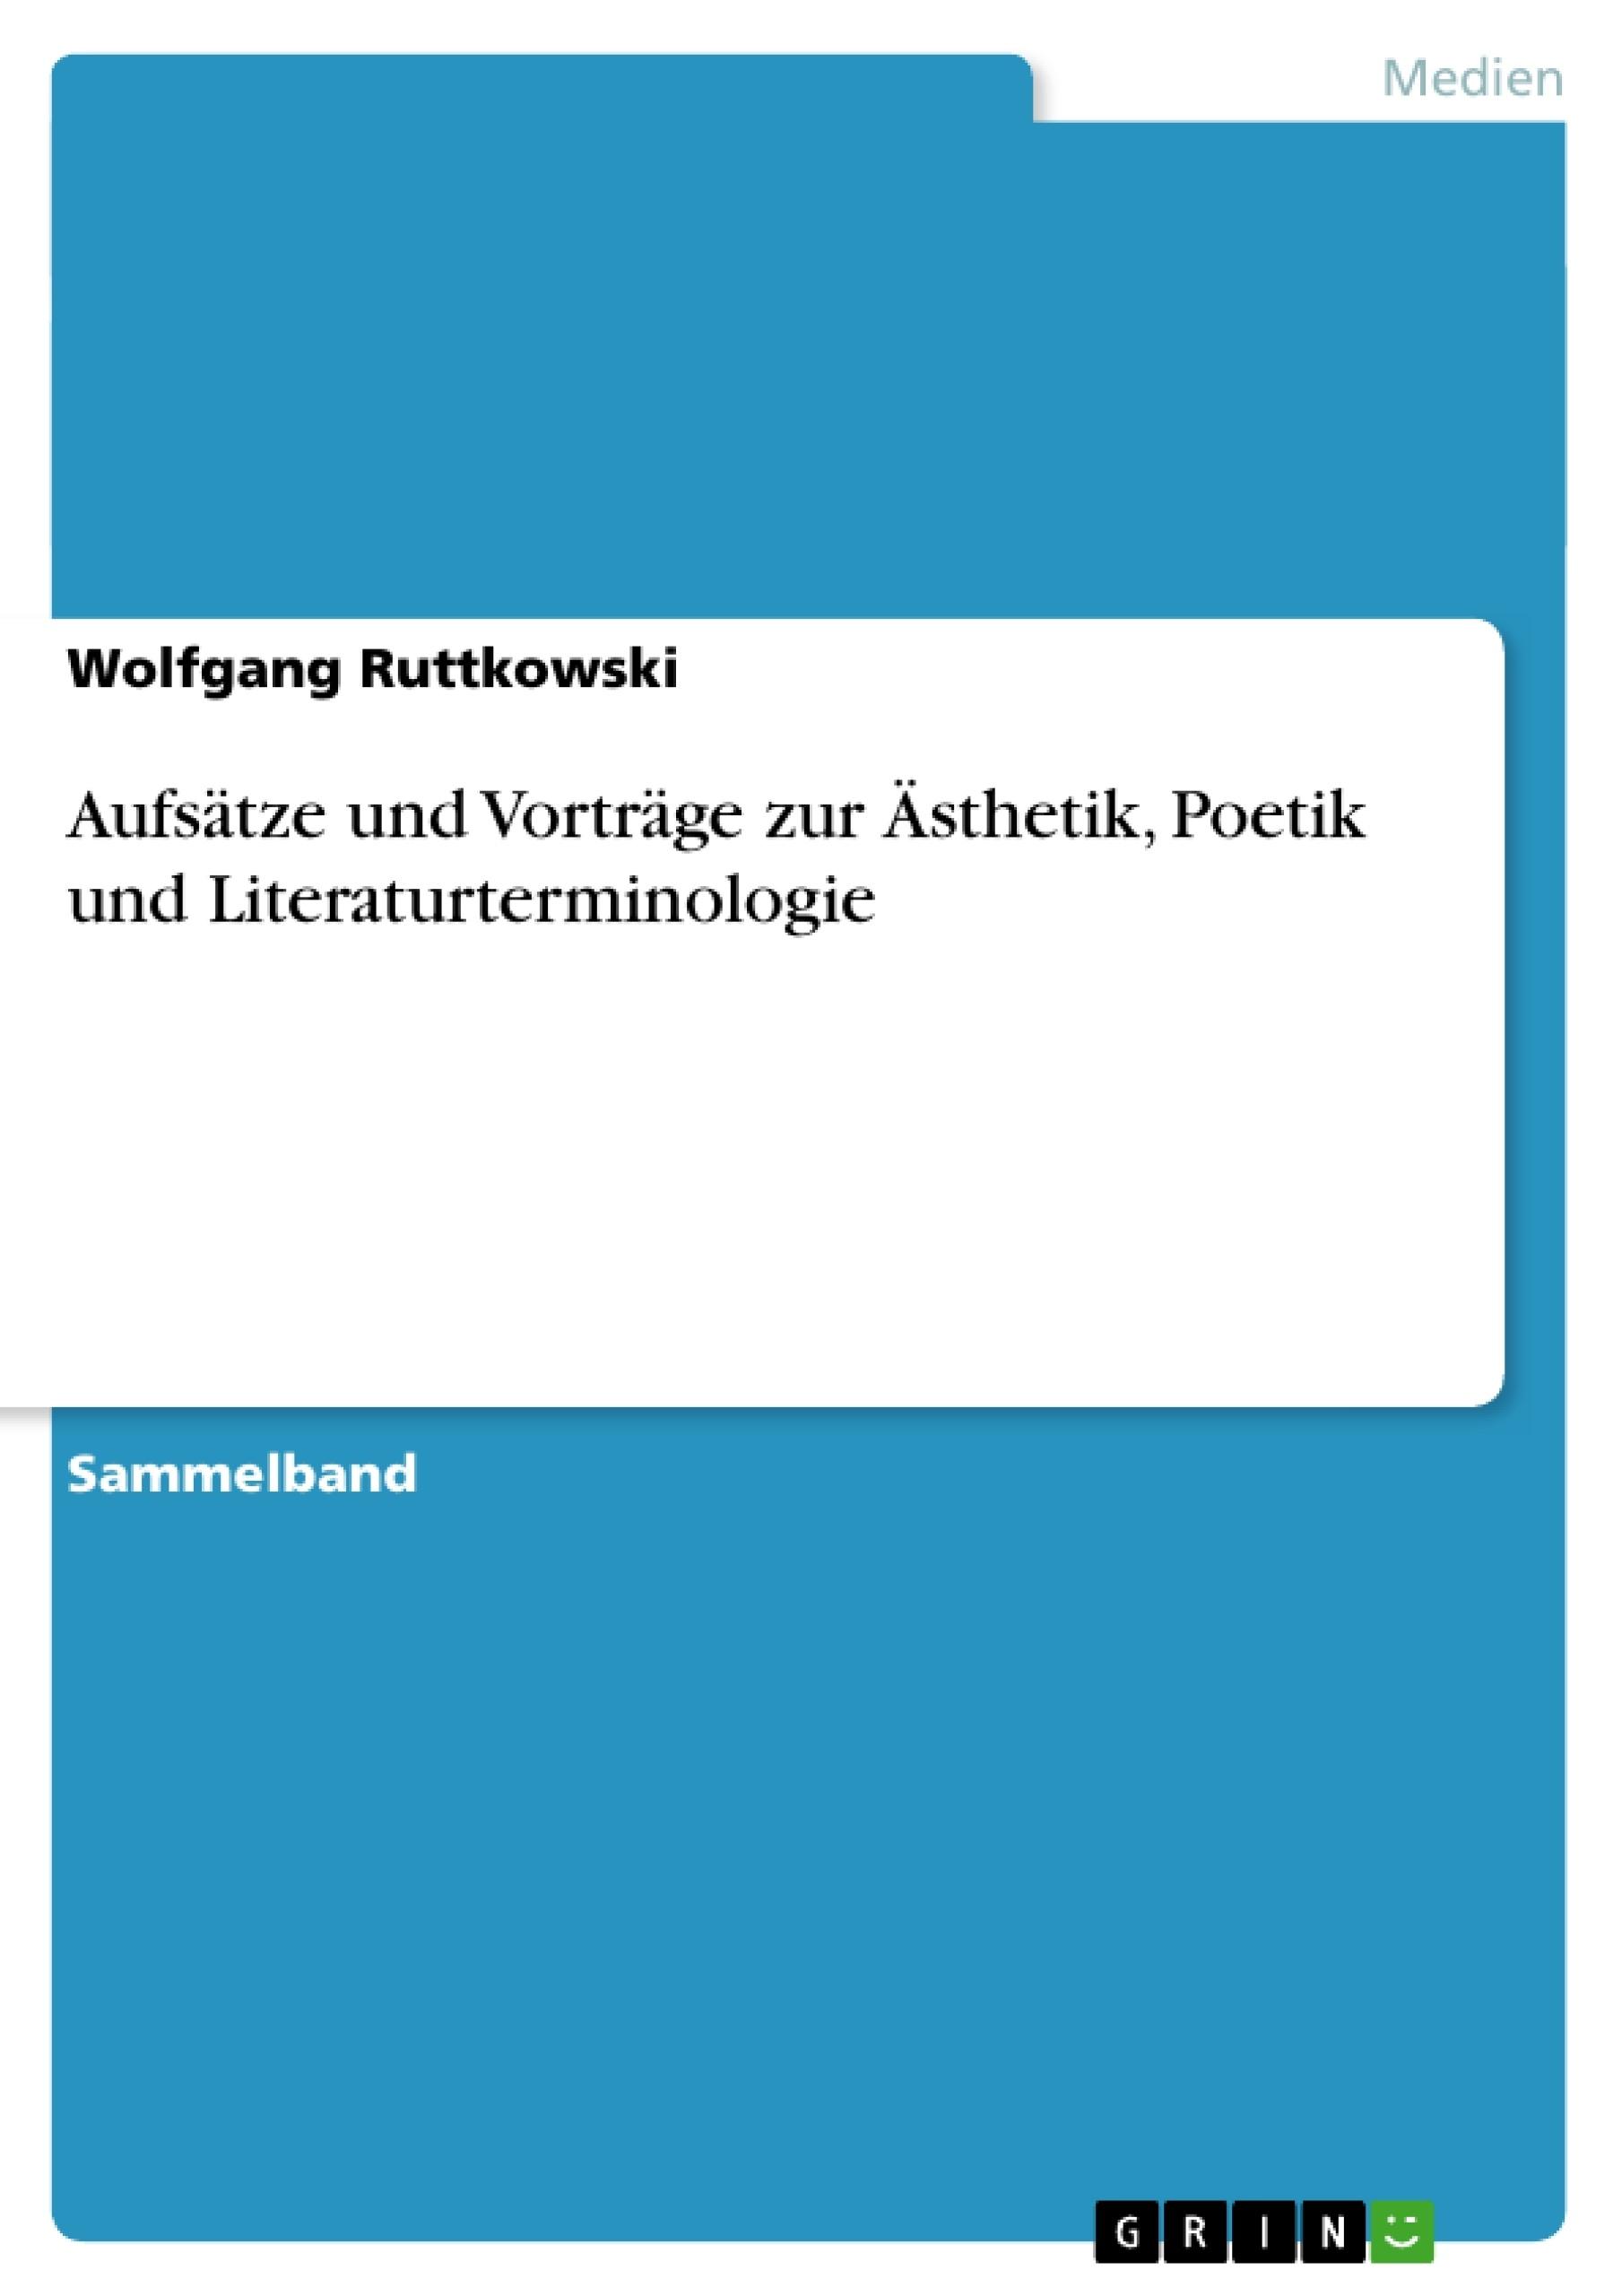 Titel: Aufsätze und Vorträge zur Ästhetik, Poetik und Literaturterminologie